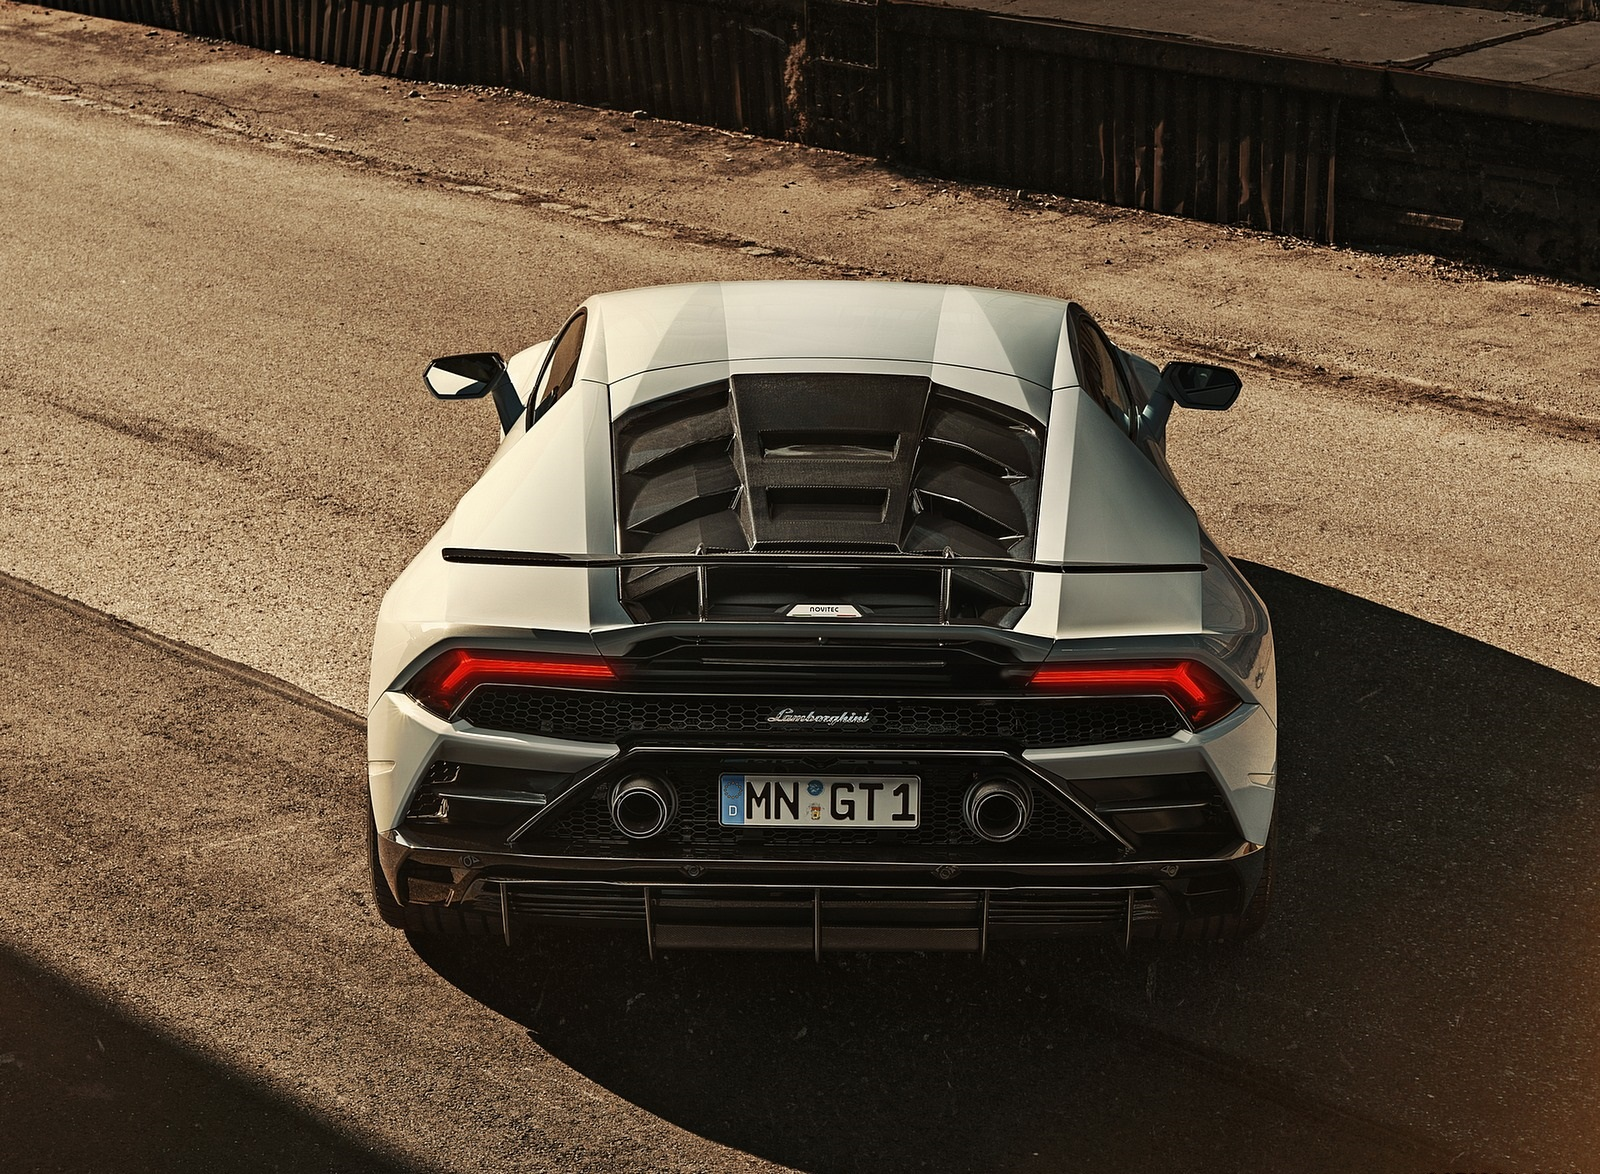 2020 NOVITEC Lamborghini Huracán EVO Rear Wallpapers (7)